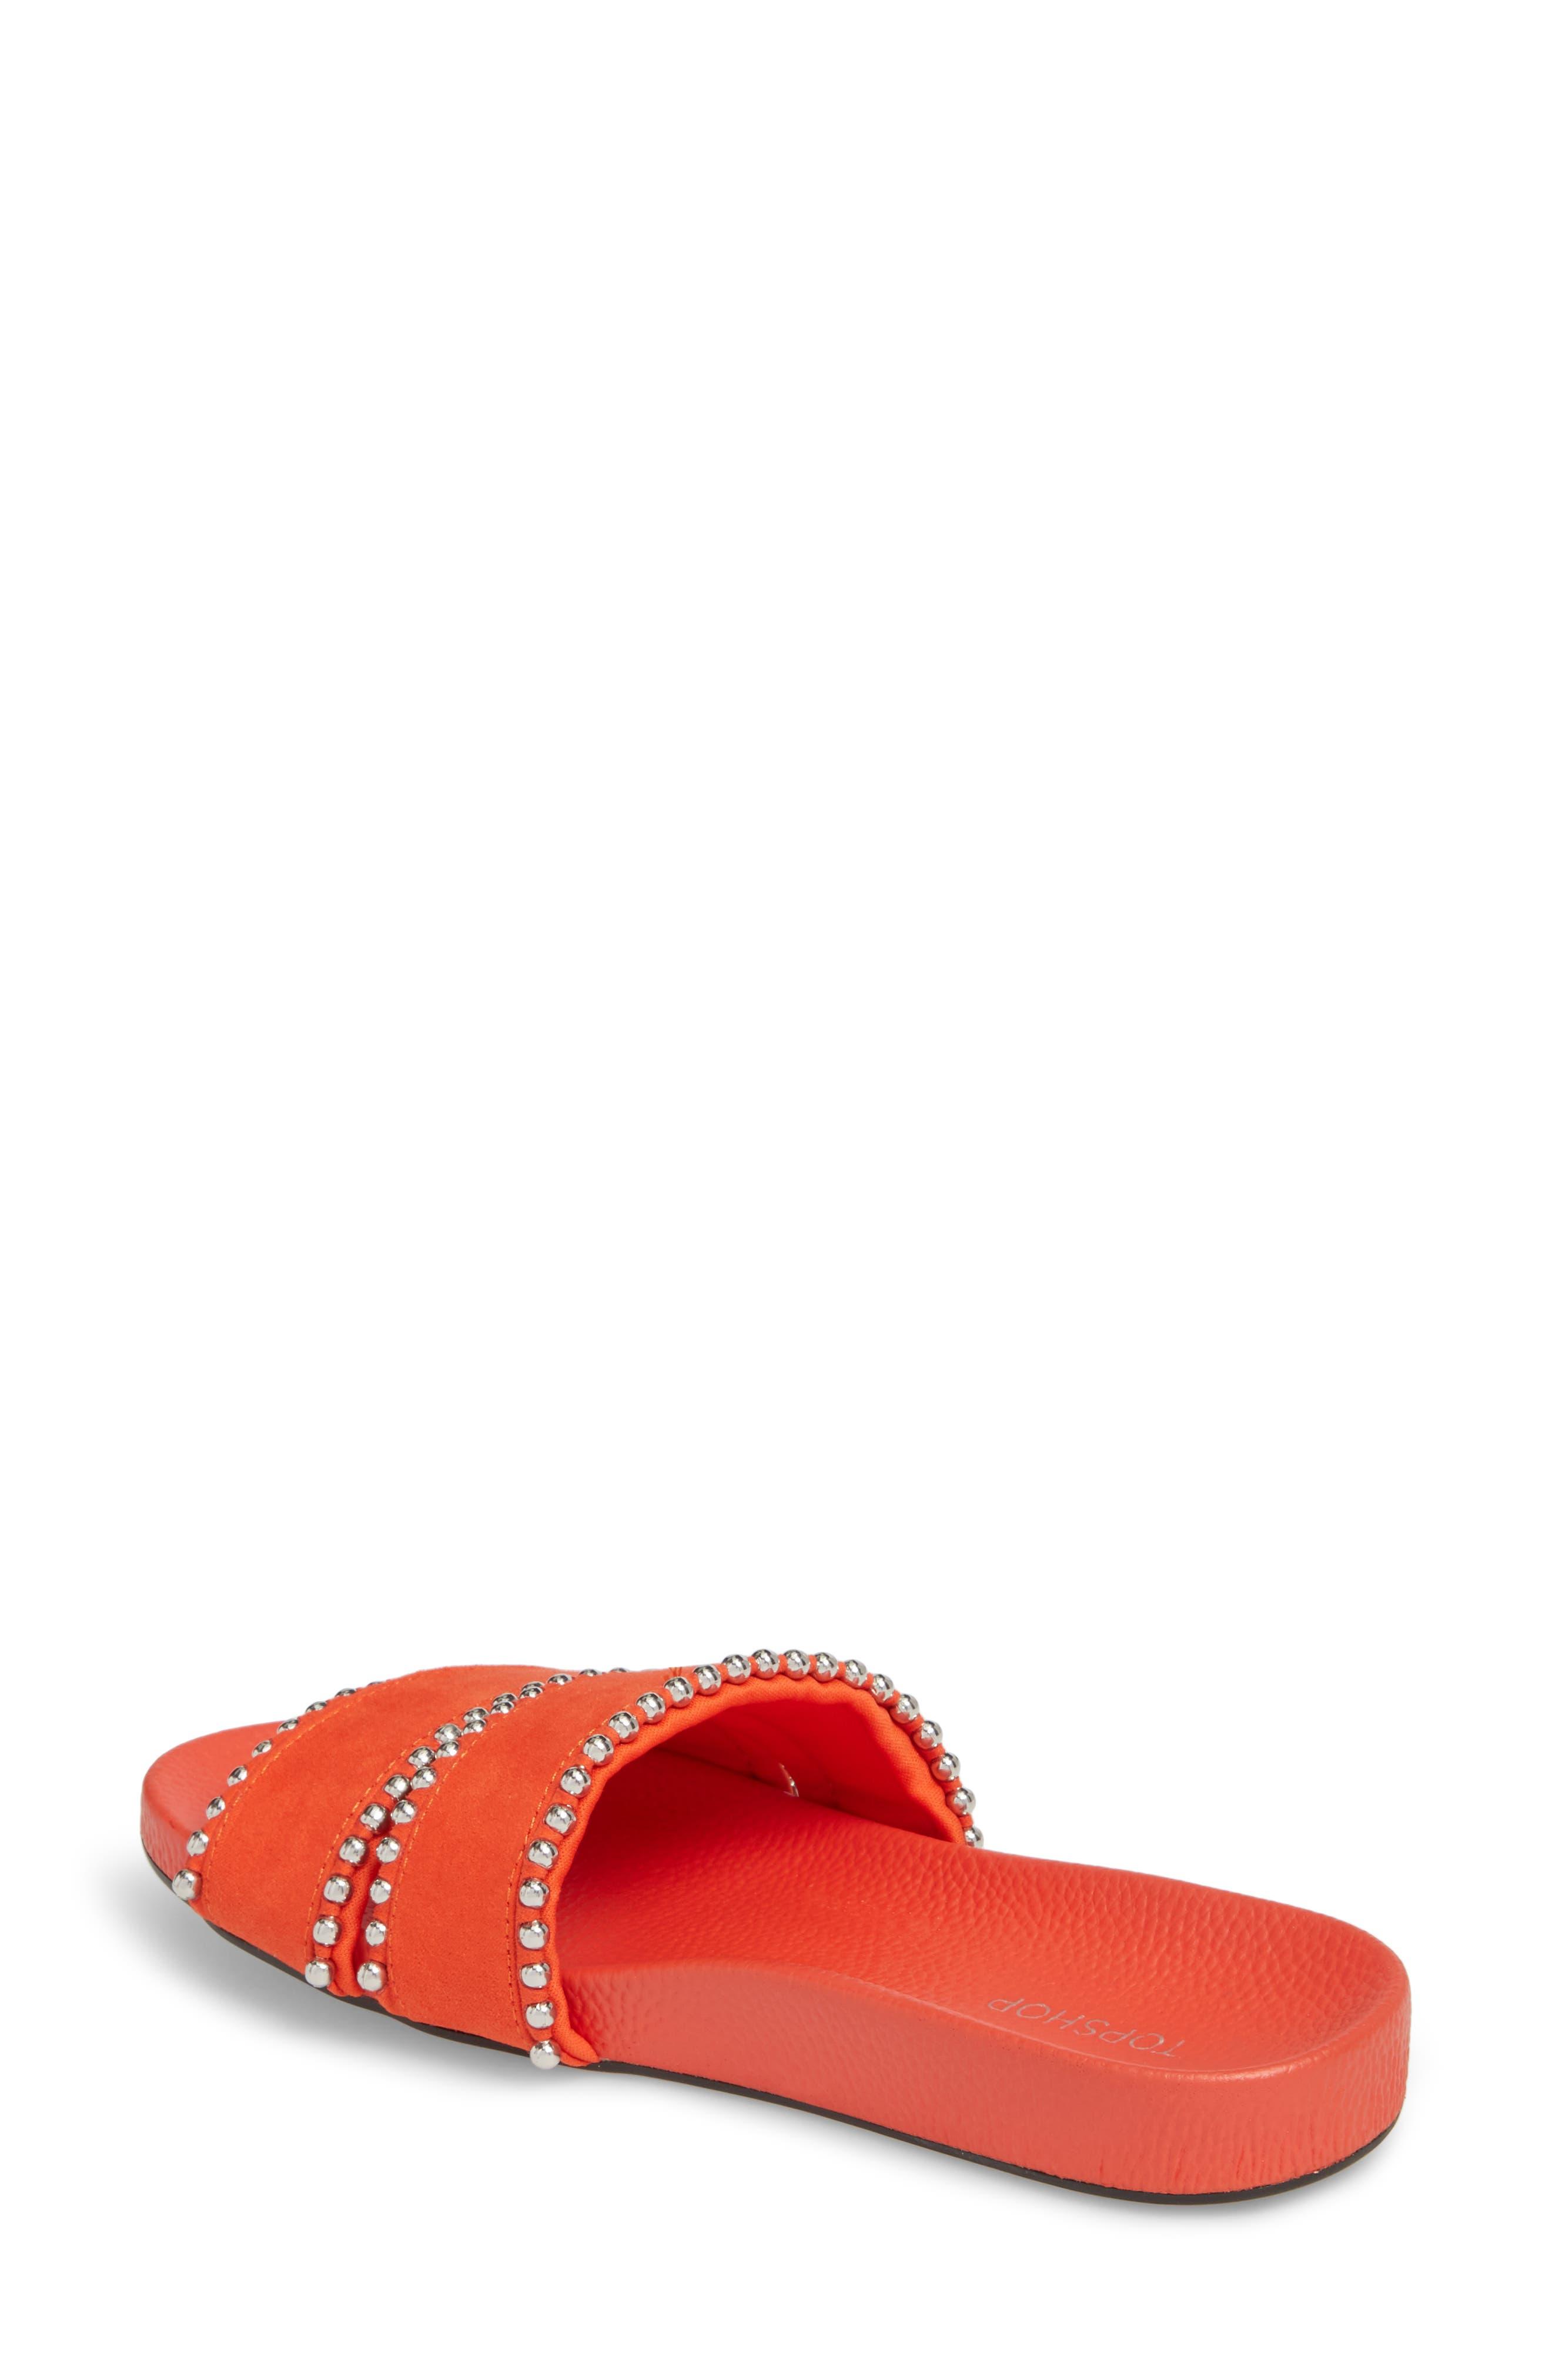 Rascal Studded Slide Sandal,                             Alternate thumbnail 4, color,